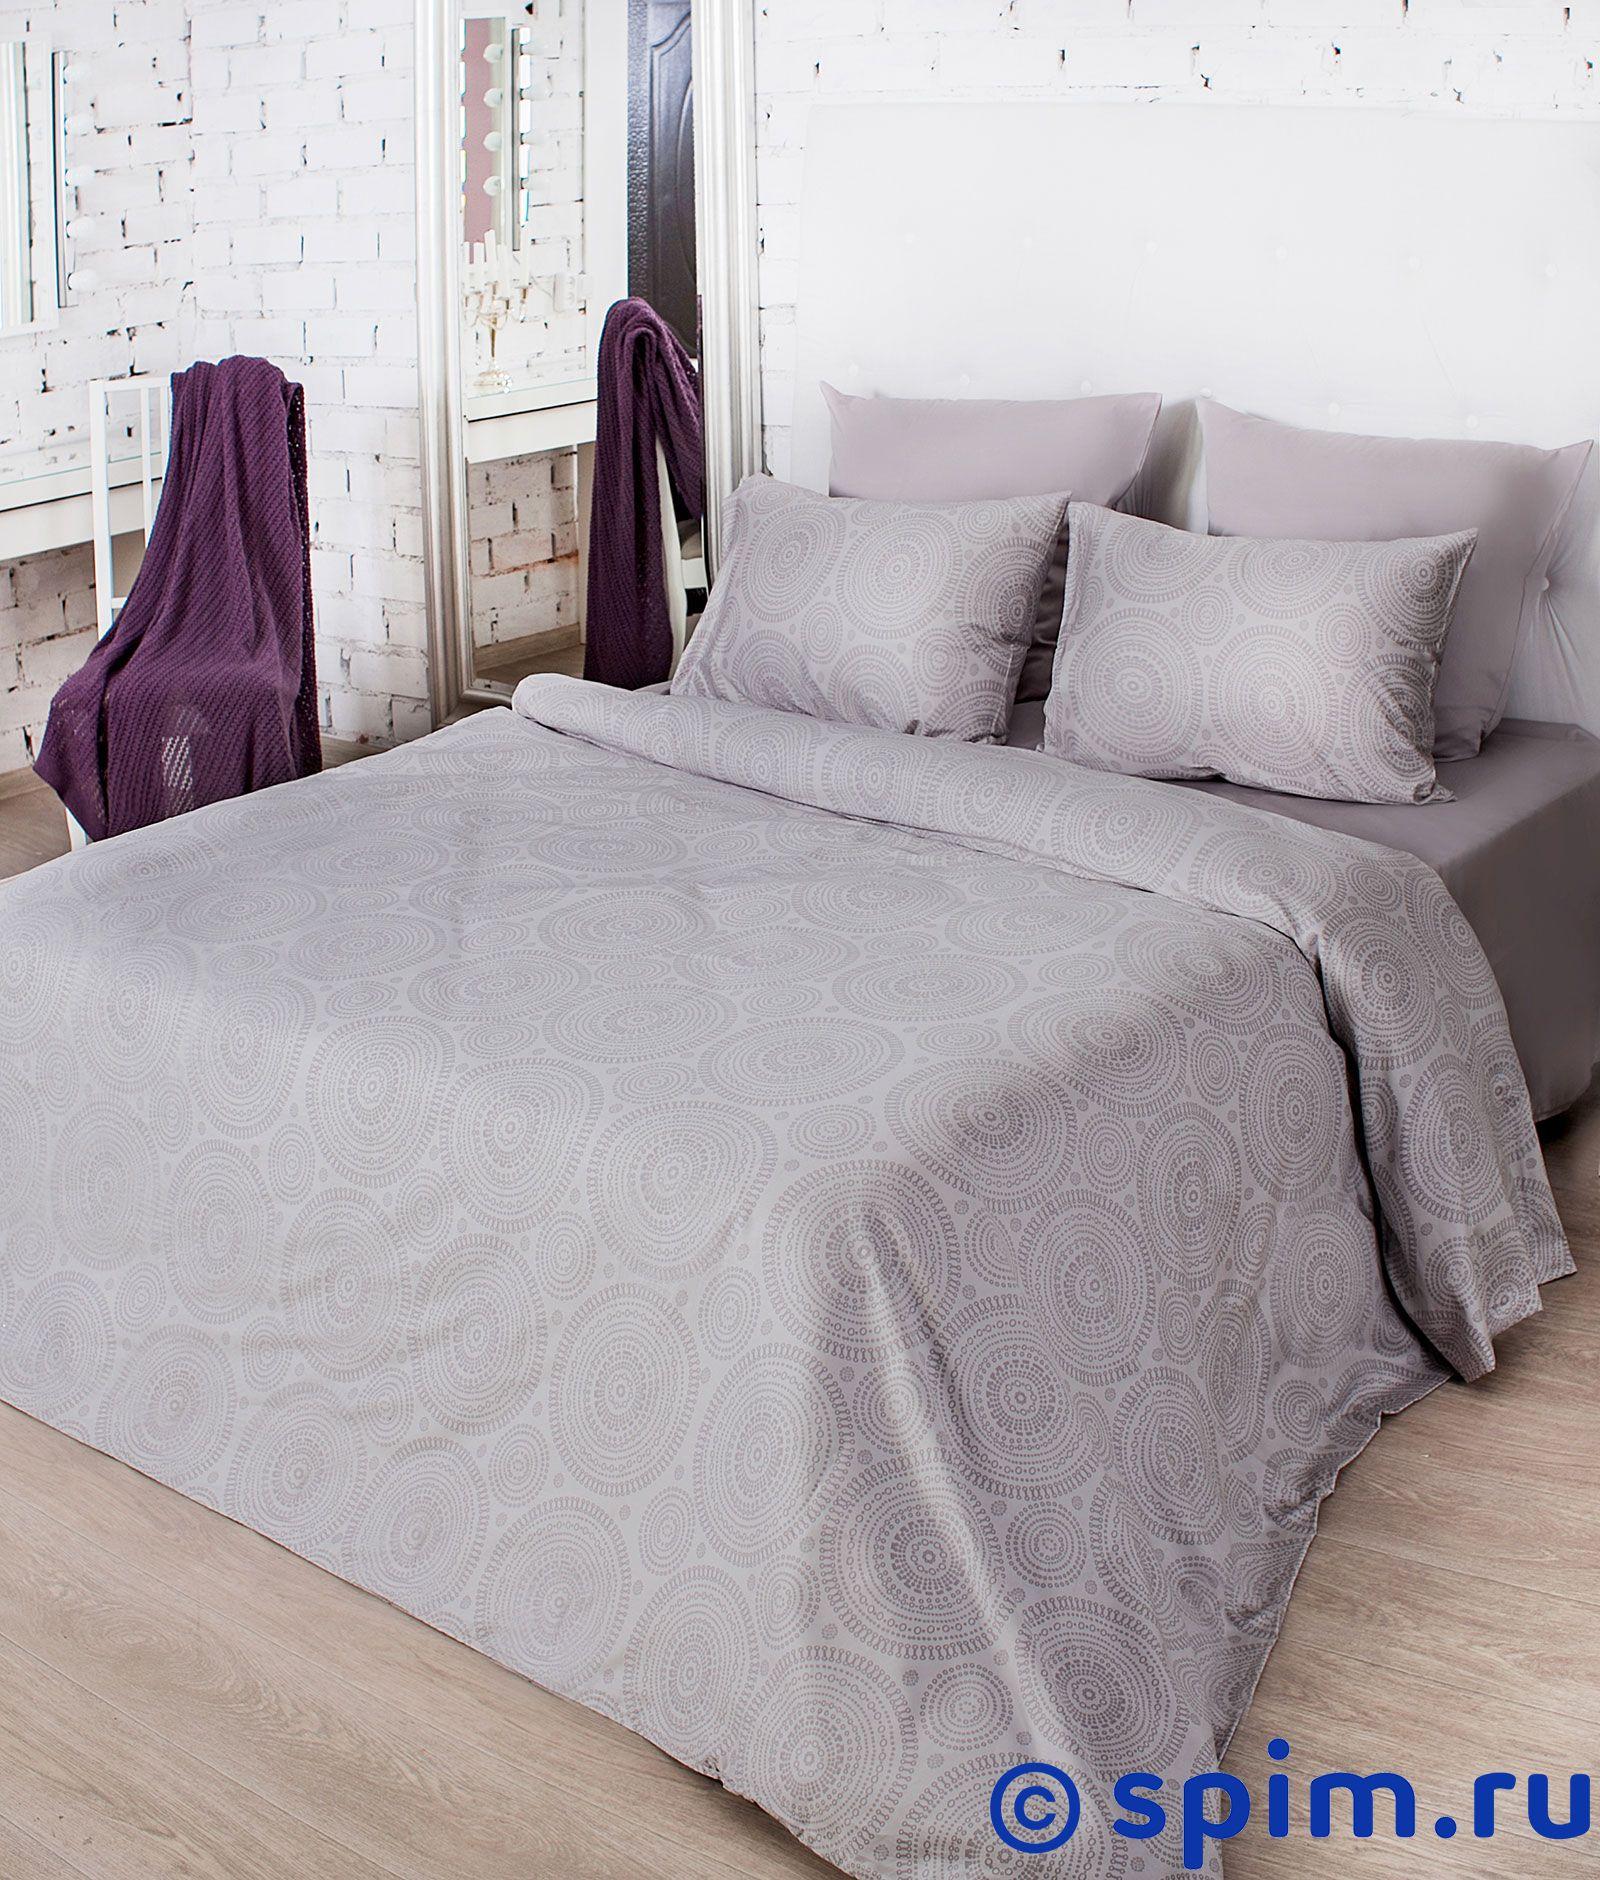 Постельное белье La Prima Тиффани 1.5 спальное